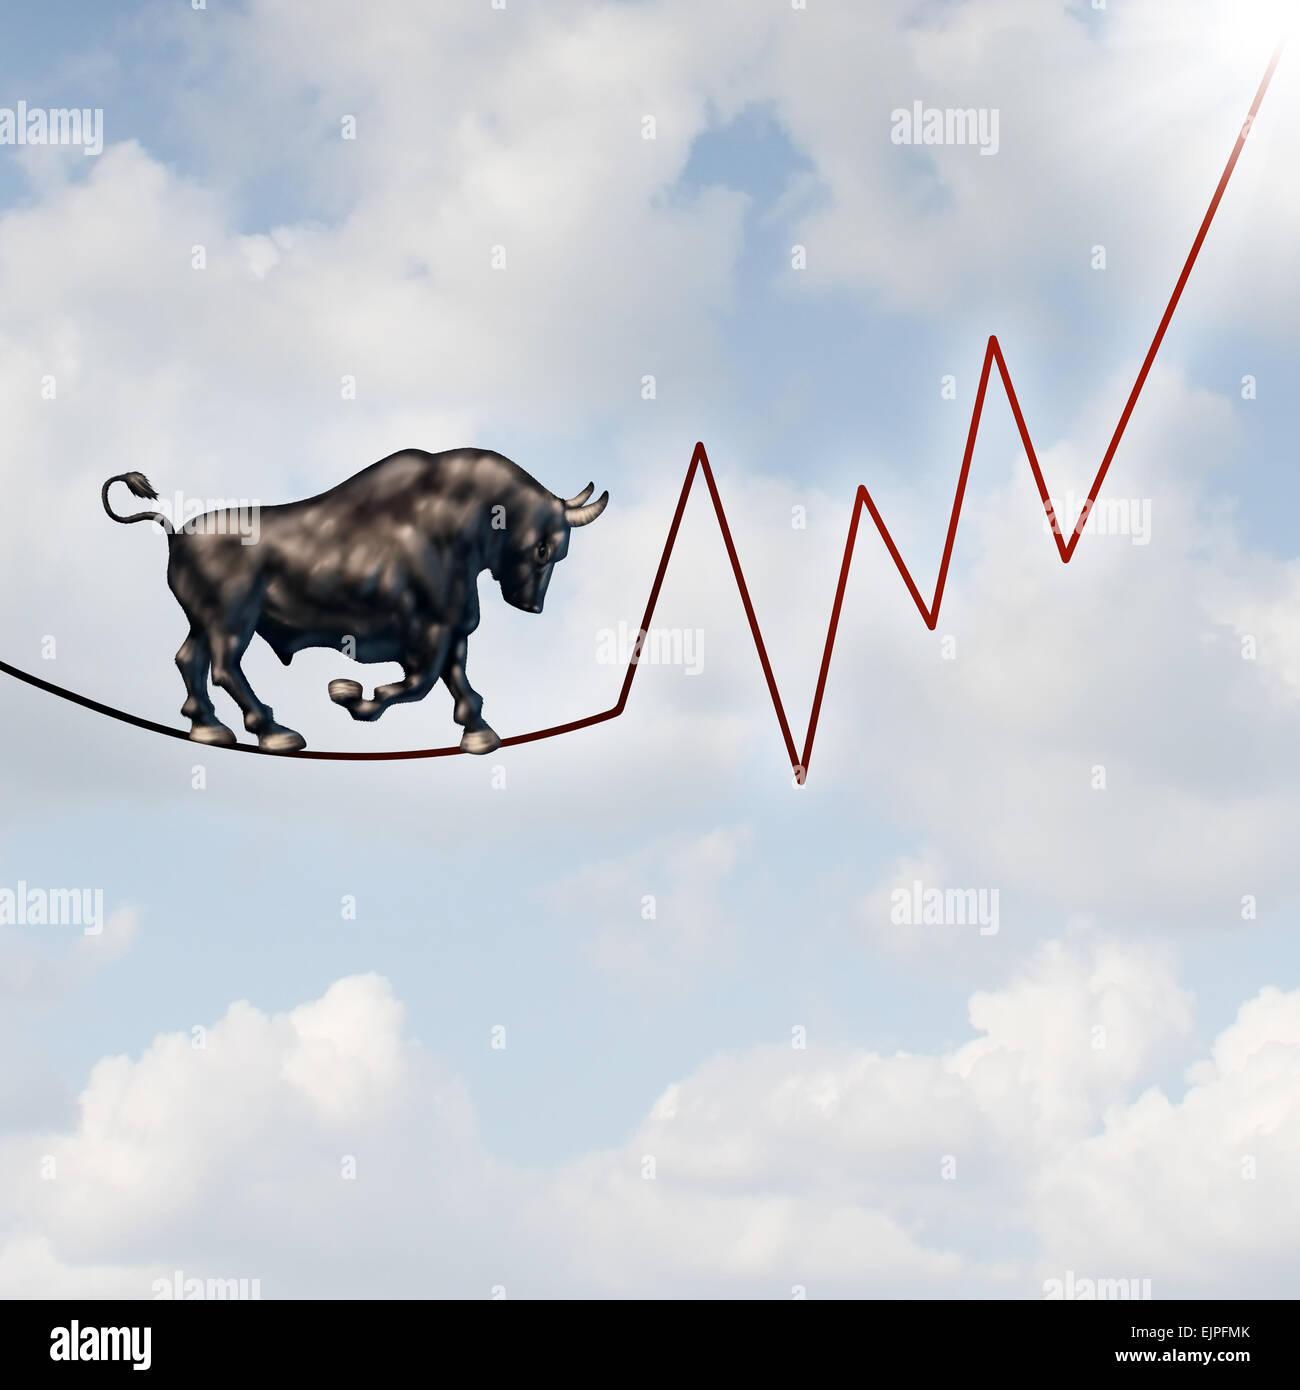 Risque de marché Bull concept financier comme une bête haussière lourde marche sur un fil en forme Photo Stock